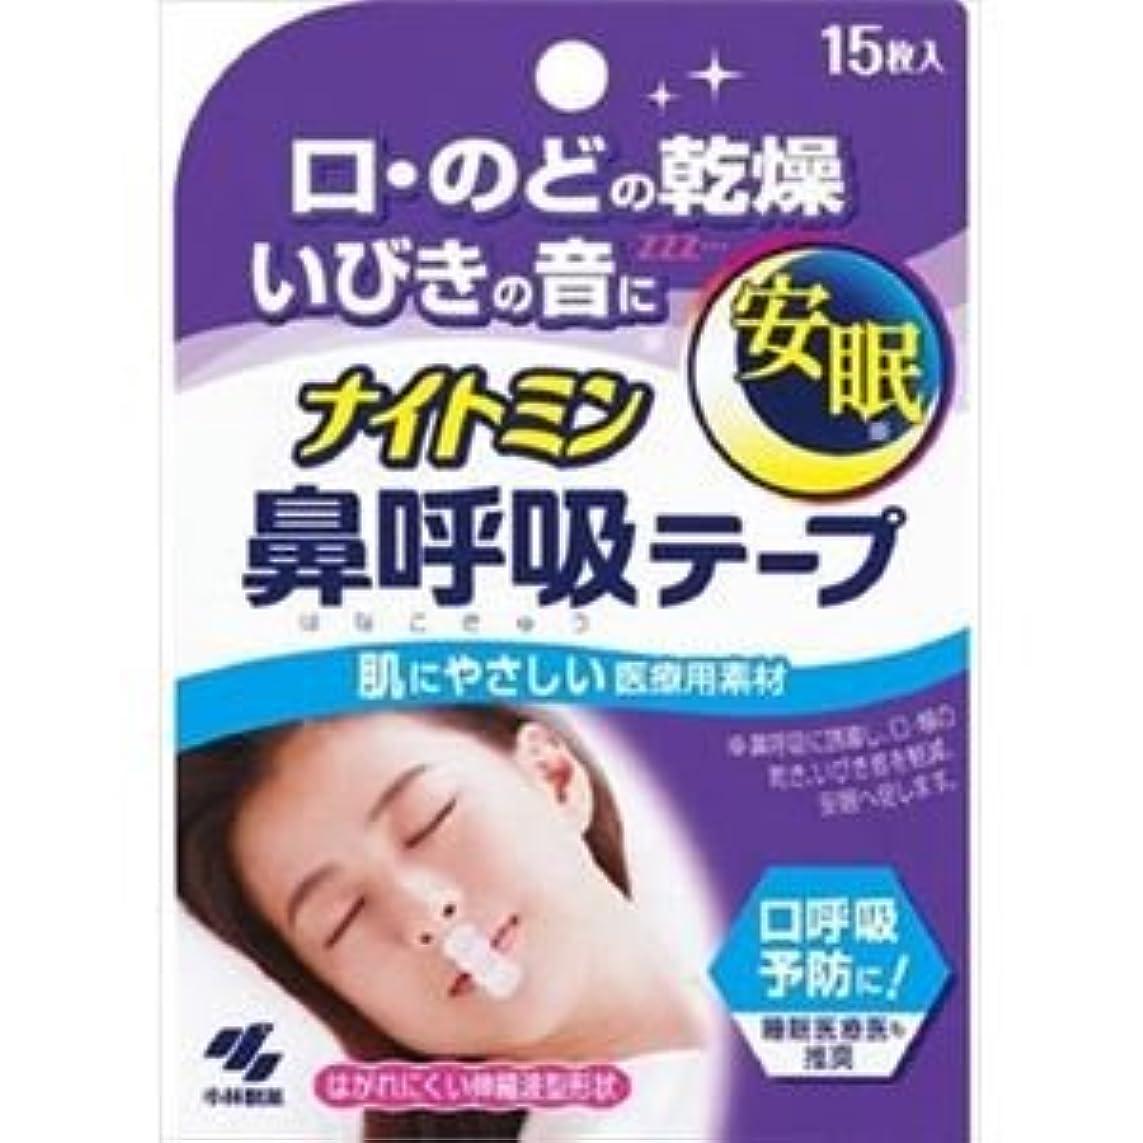 上げるも不機嫌そうな(まとめ)小林製薬 ナイトミン 鼻呼吸テープ 【×3点セット】